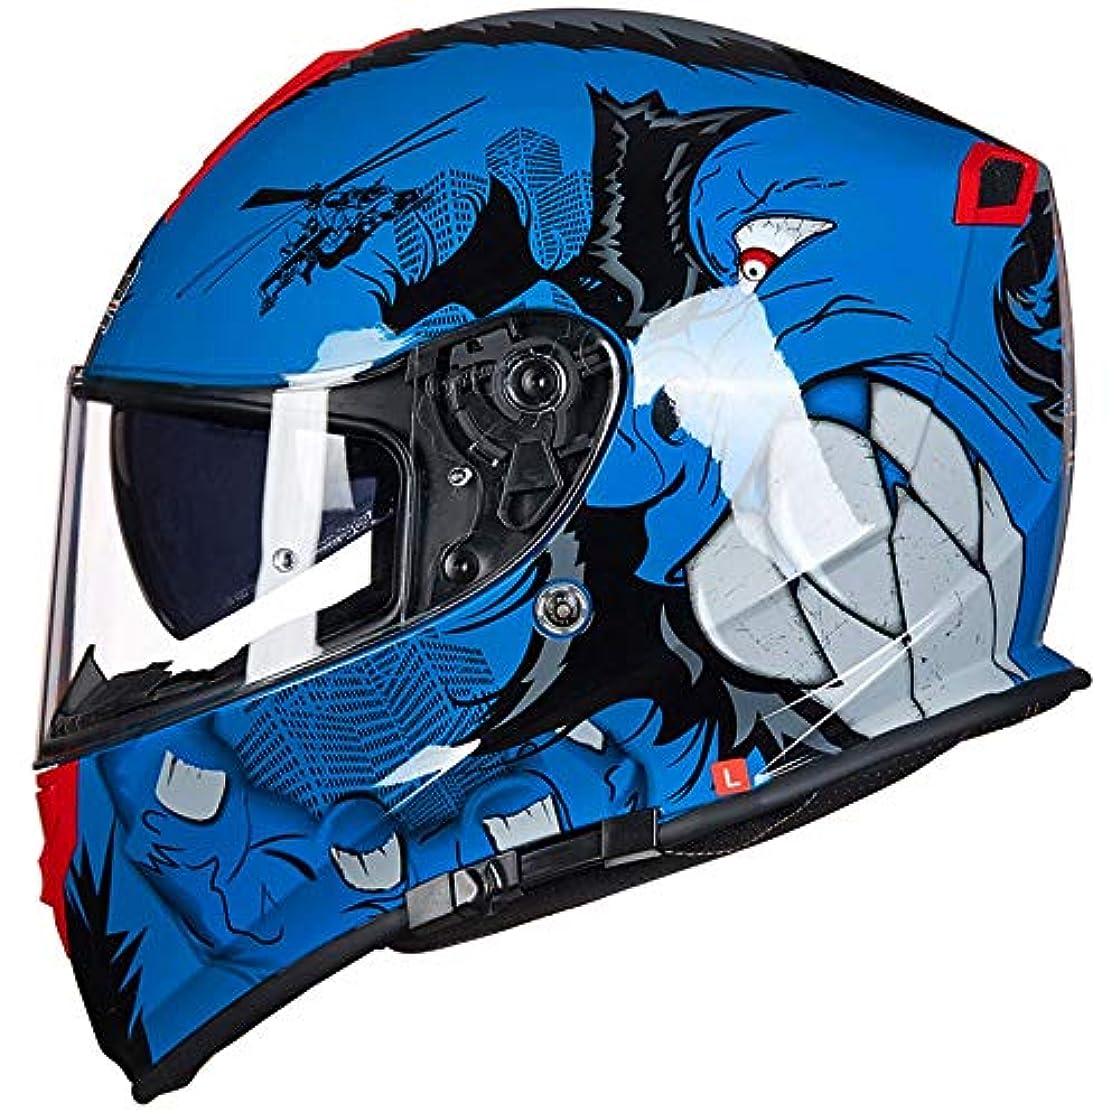 禁止する落ち着いて農業TOMSSL高品質 オートバイ乗馬フルフェイスヘルメットダブルレンズ四季ユニバーサルオフロードヘルメットアウトドアスポーツフルカバレッジ乗馬用ヘルメットABSモンスターブルー/ブラック/レッド TOMSSL高品質 (Size : L)